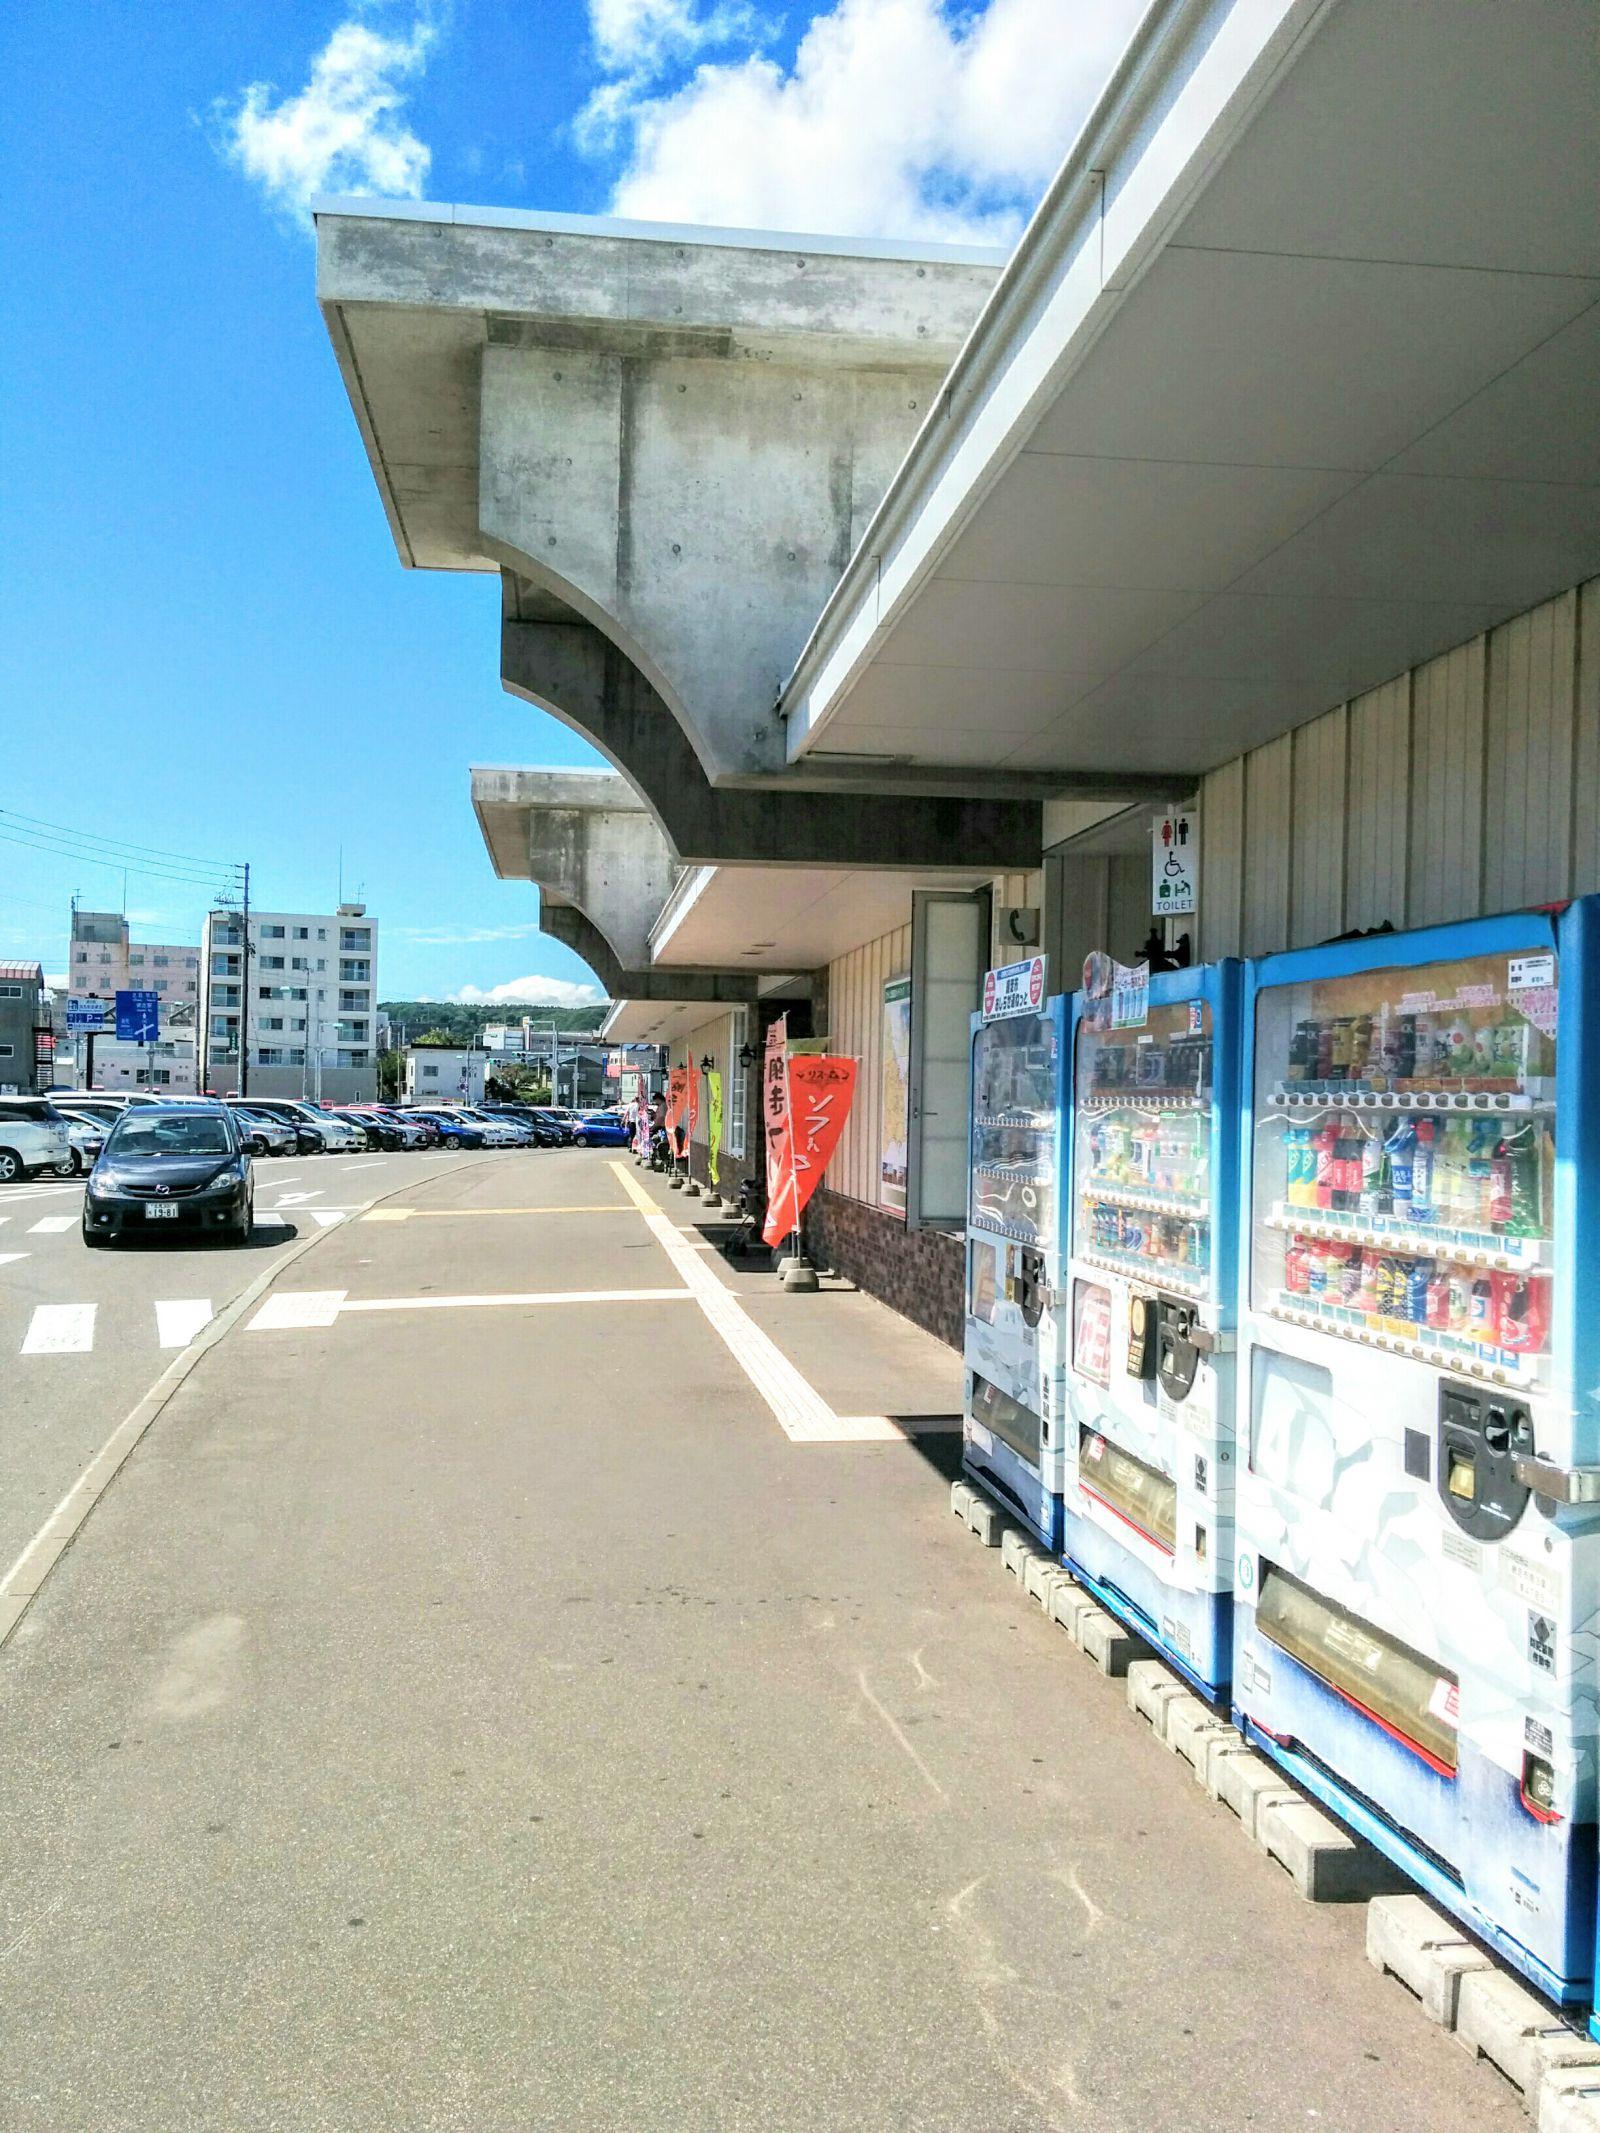 【網走貸切ジャンボタクシー】道の駅・流氷街道網走観光案内です。